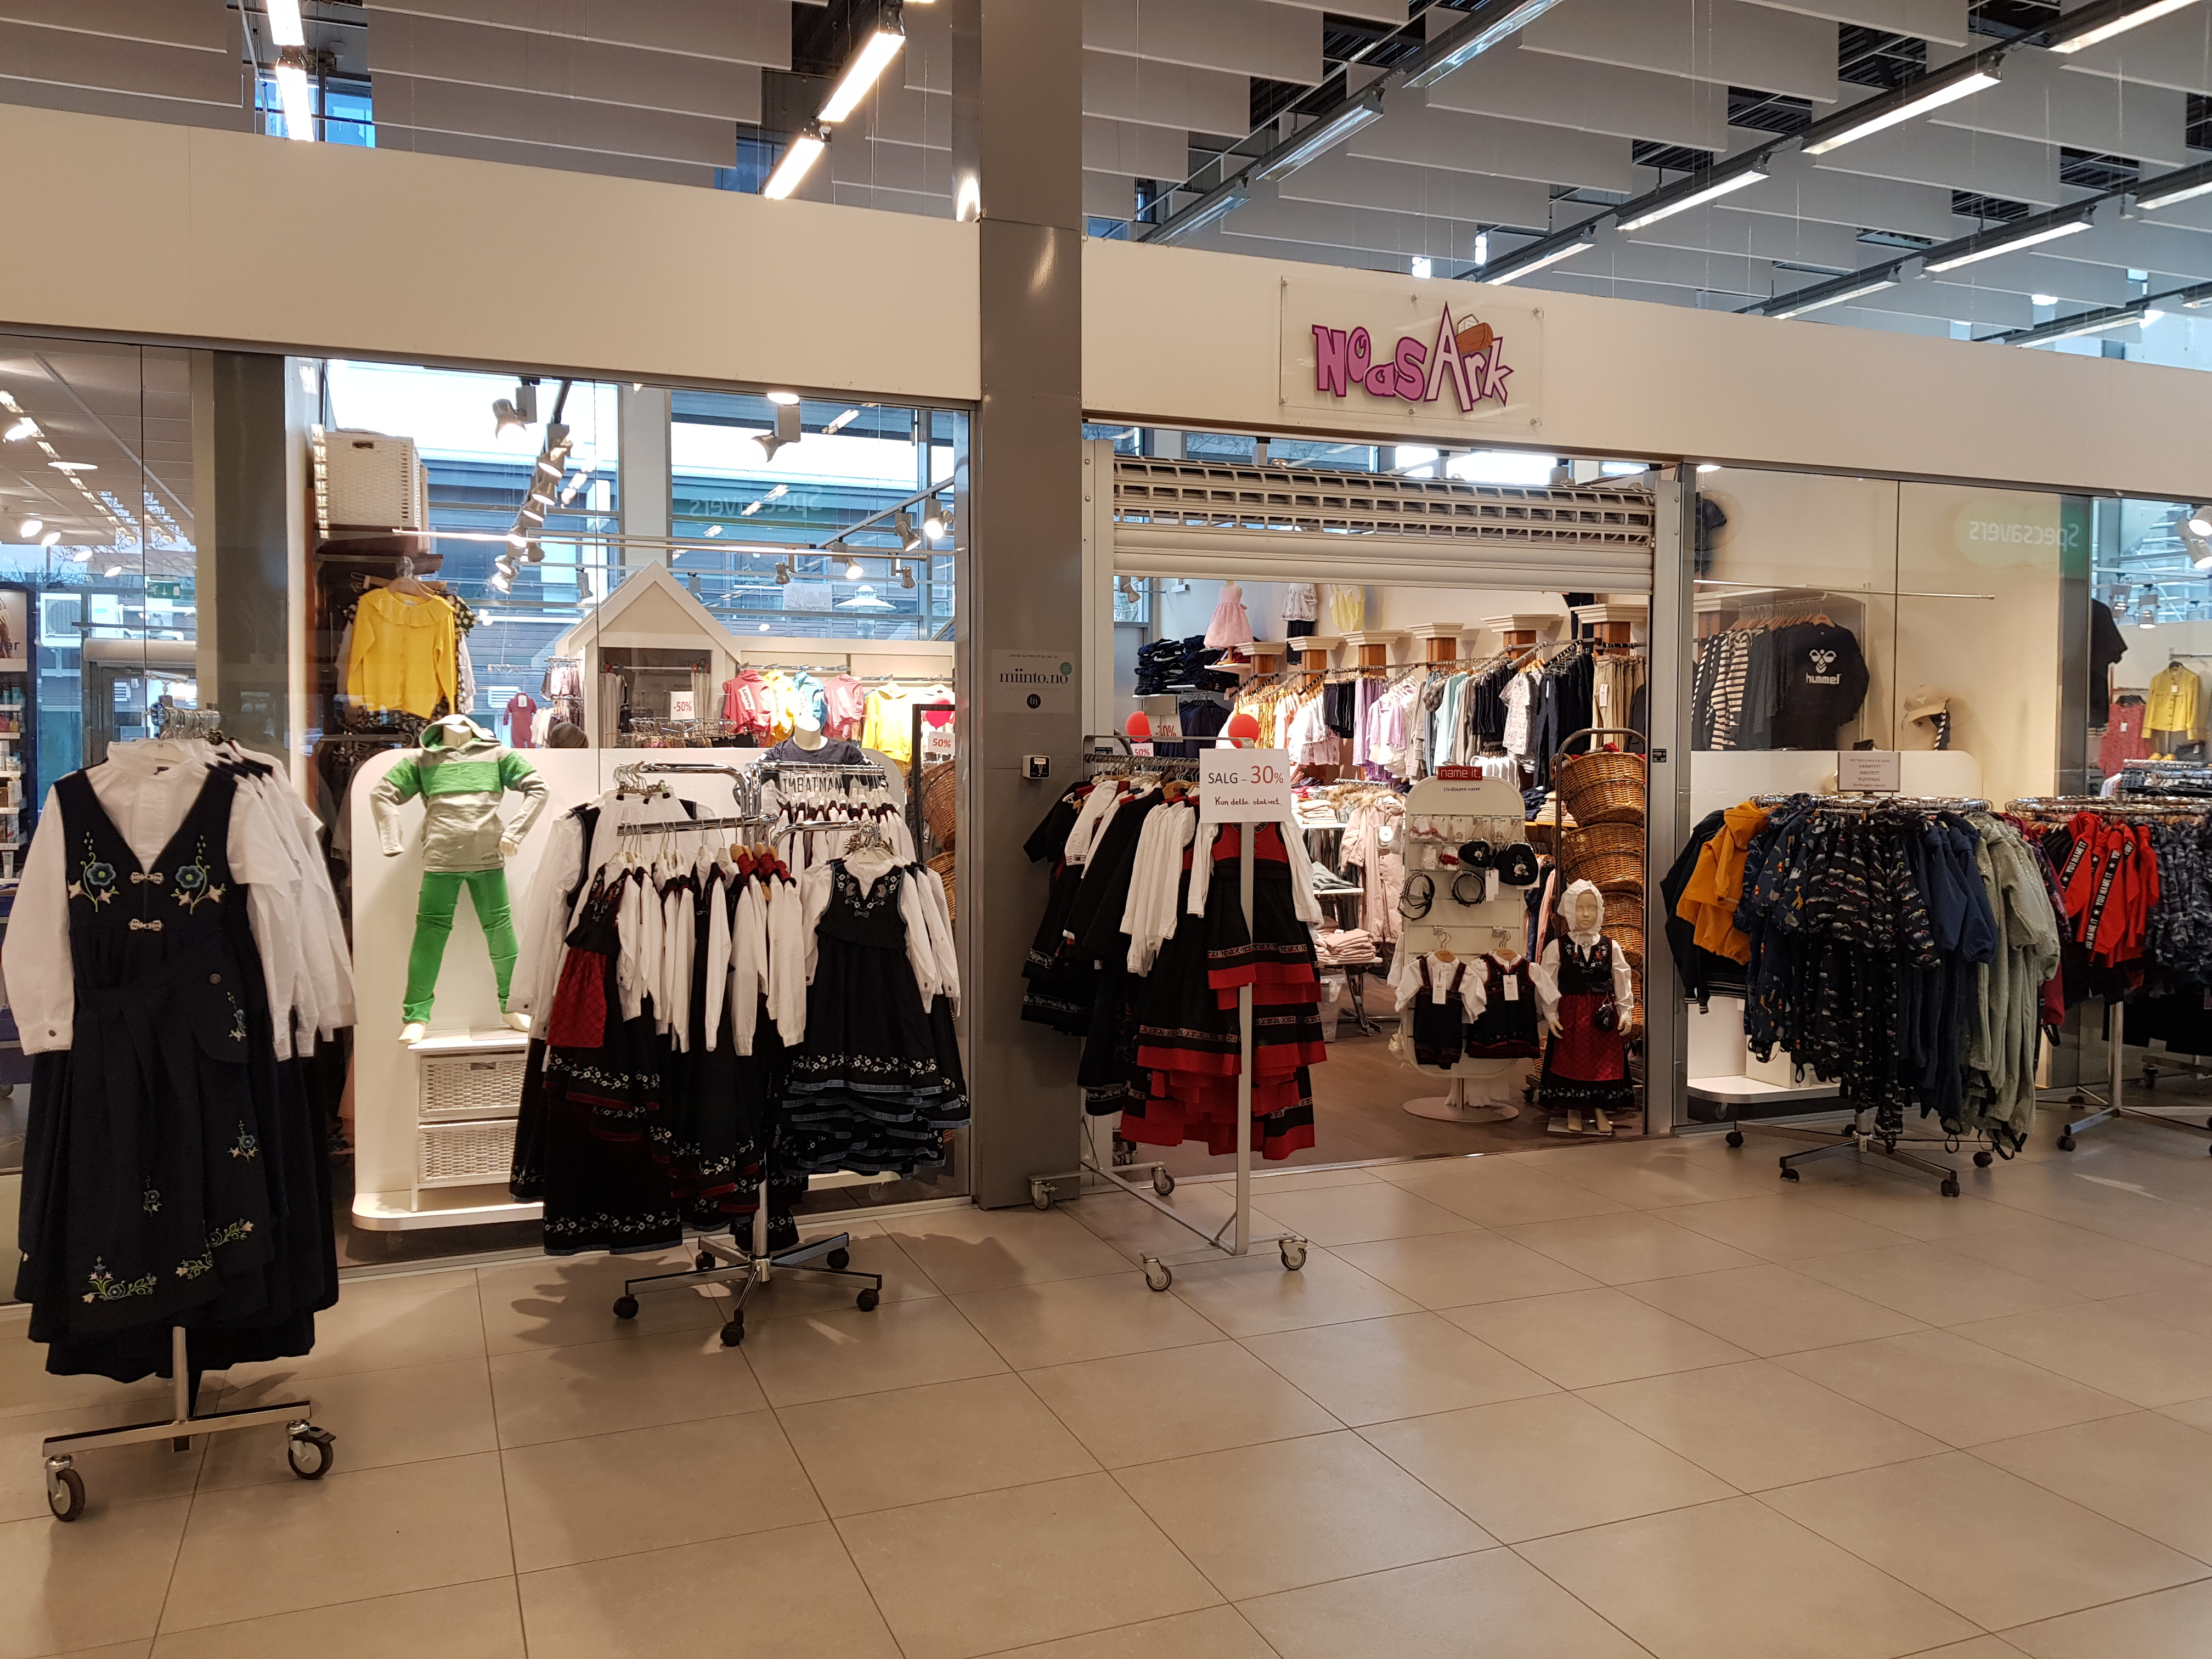 f8e8e36d Noas Ark barneklær ble startet i 2004 og er en frittstående butikk med  flere kjente merker. Vi ønsker å fylle butikken med klær til barn som er i  god ...